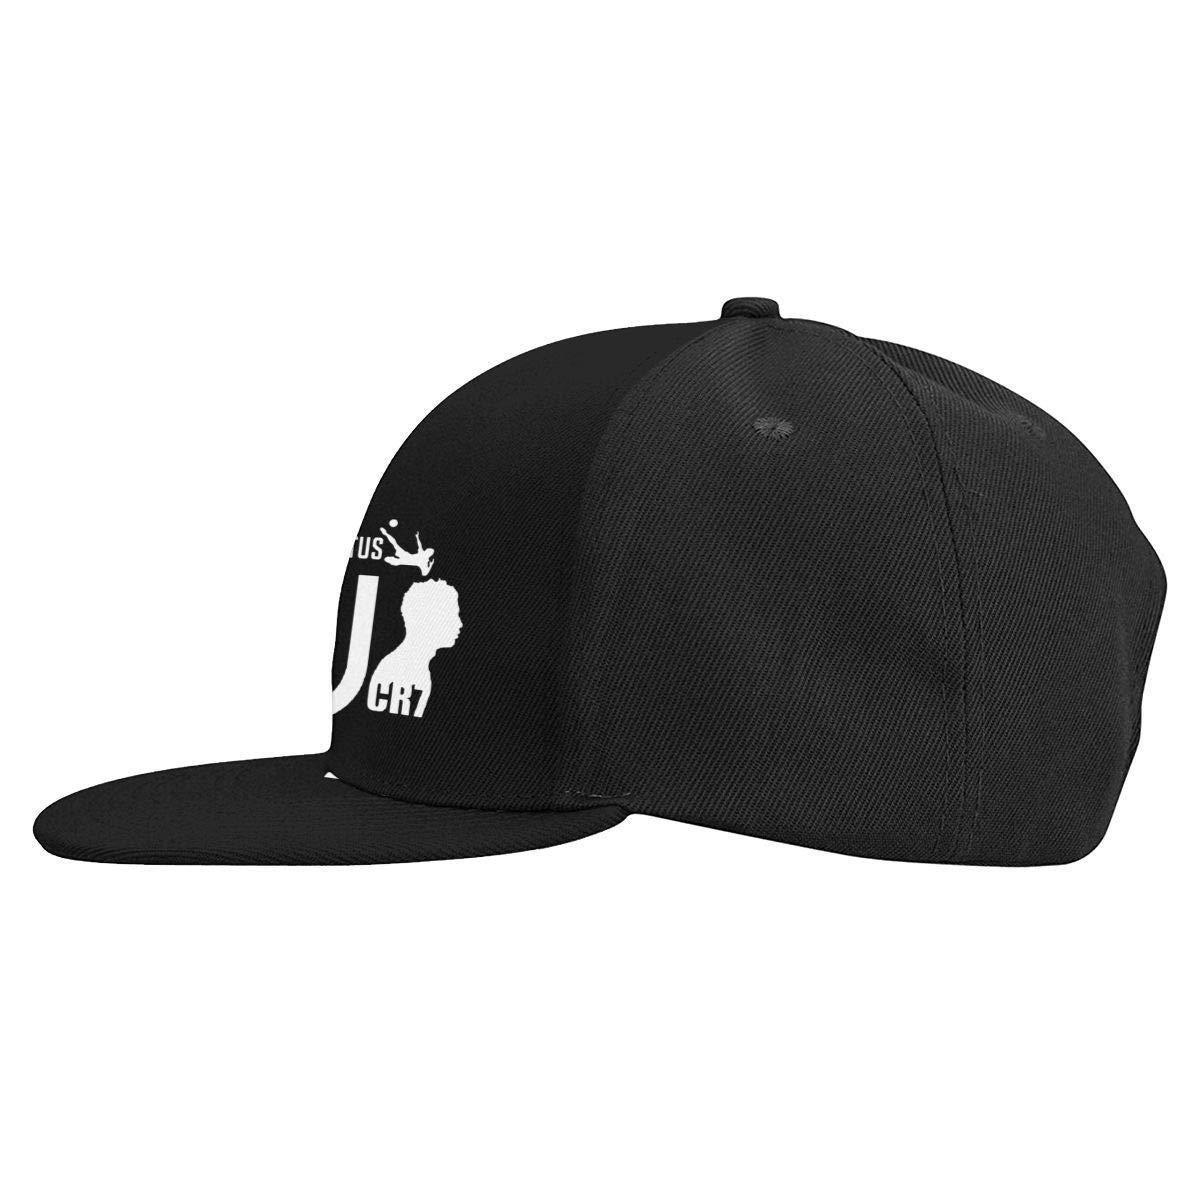 DeniCar Unisex Adjustable Baseball Caps CR7-Ronaldo-Juuentus Skull Cap